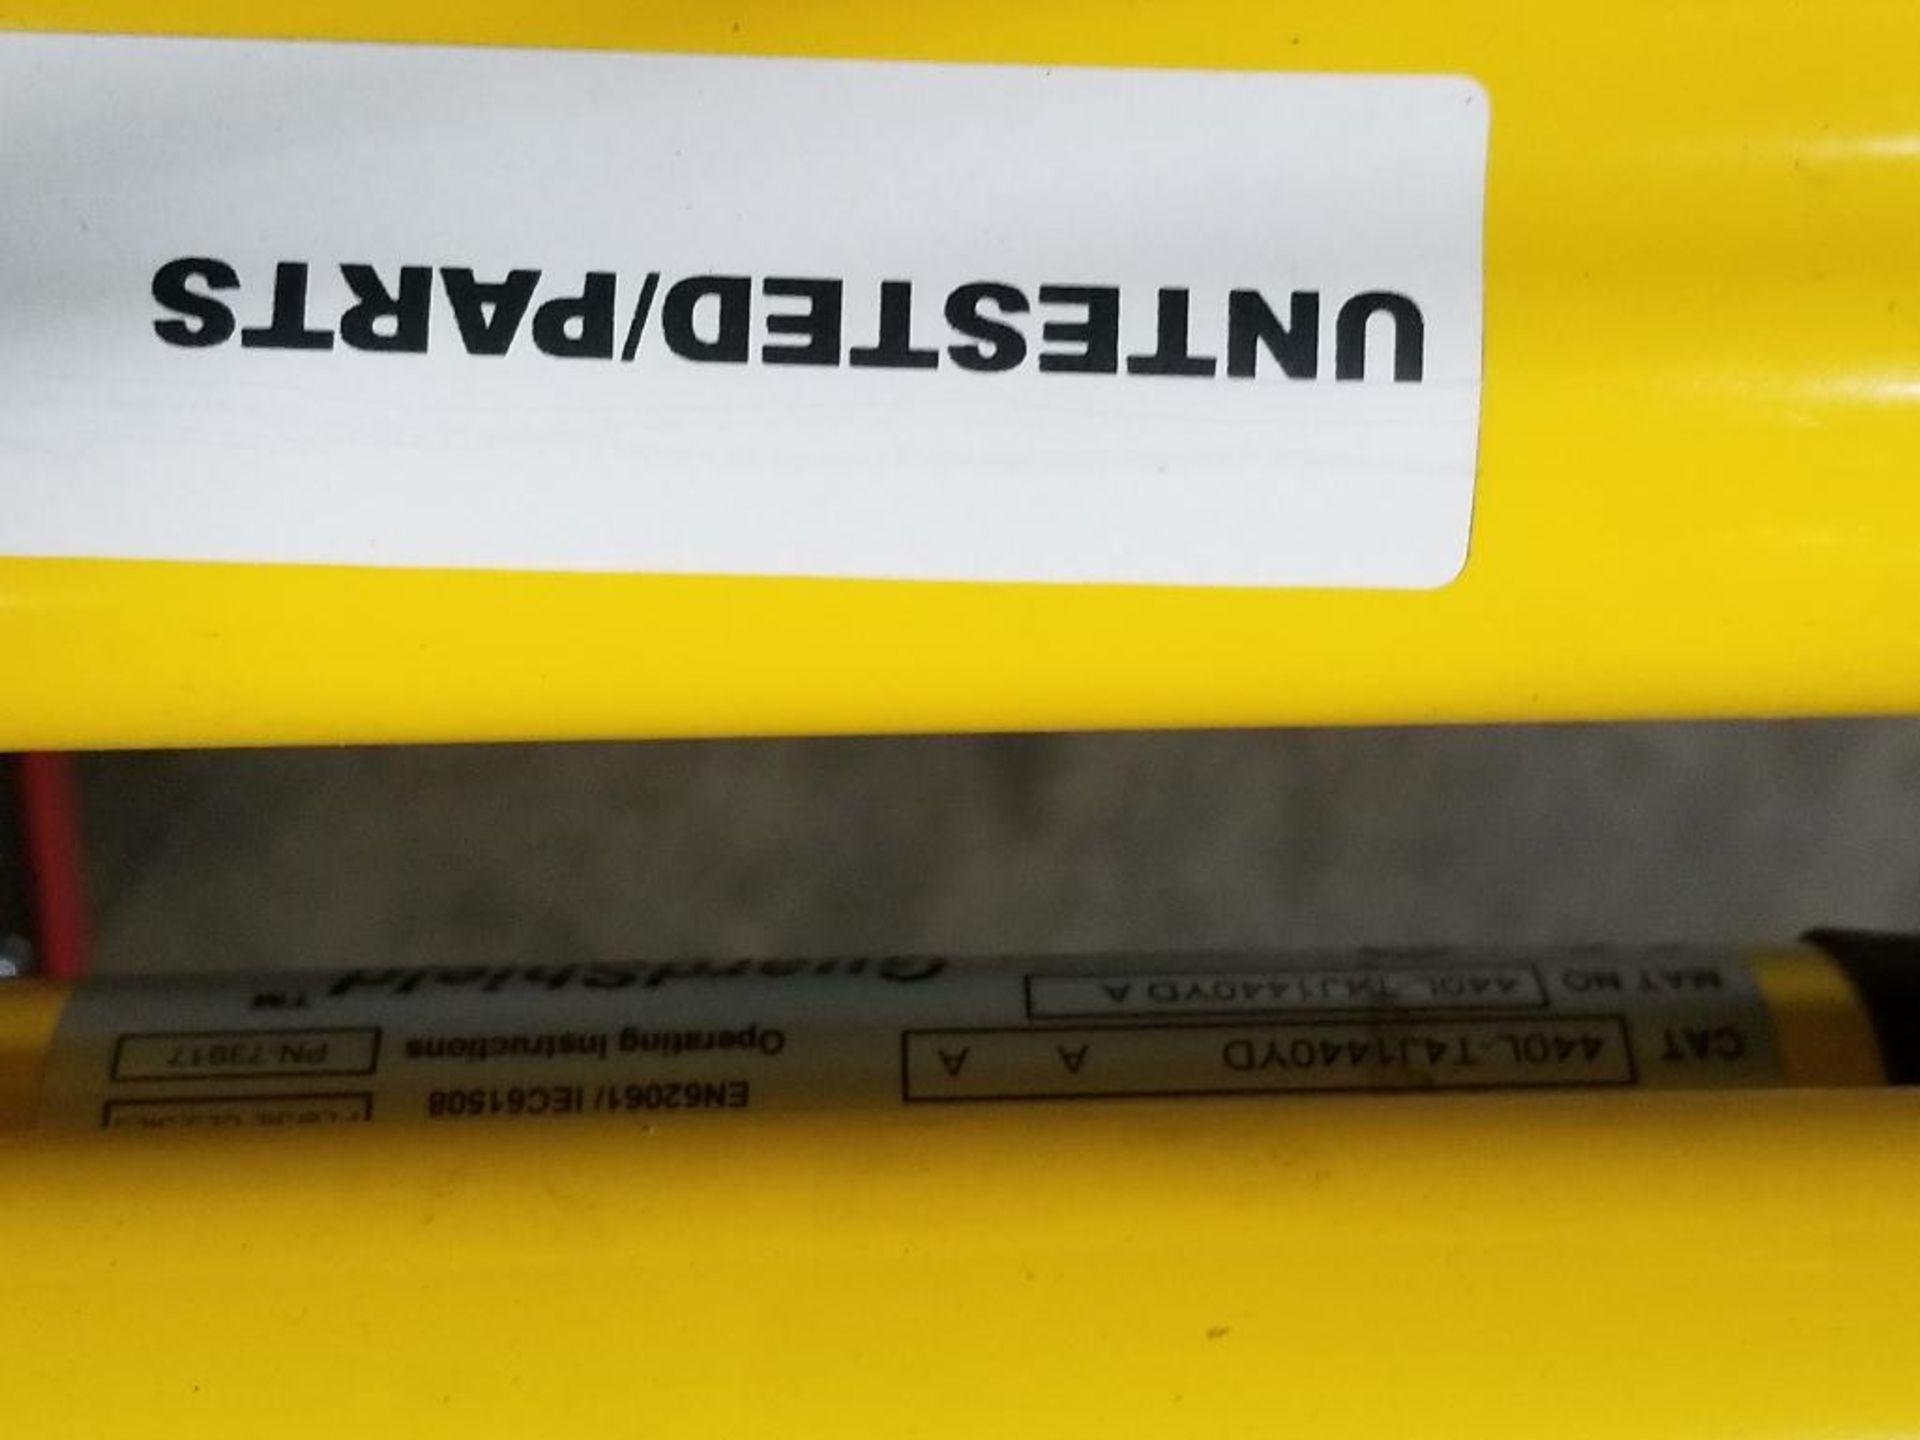 Allen Bradley Light curtain transmitter / receiver set. GuardMaster GuardShield T4J440YD 4K0AM1EF. - Image 18 of 23